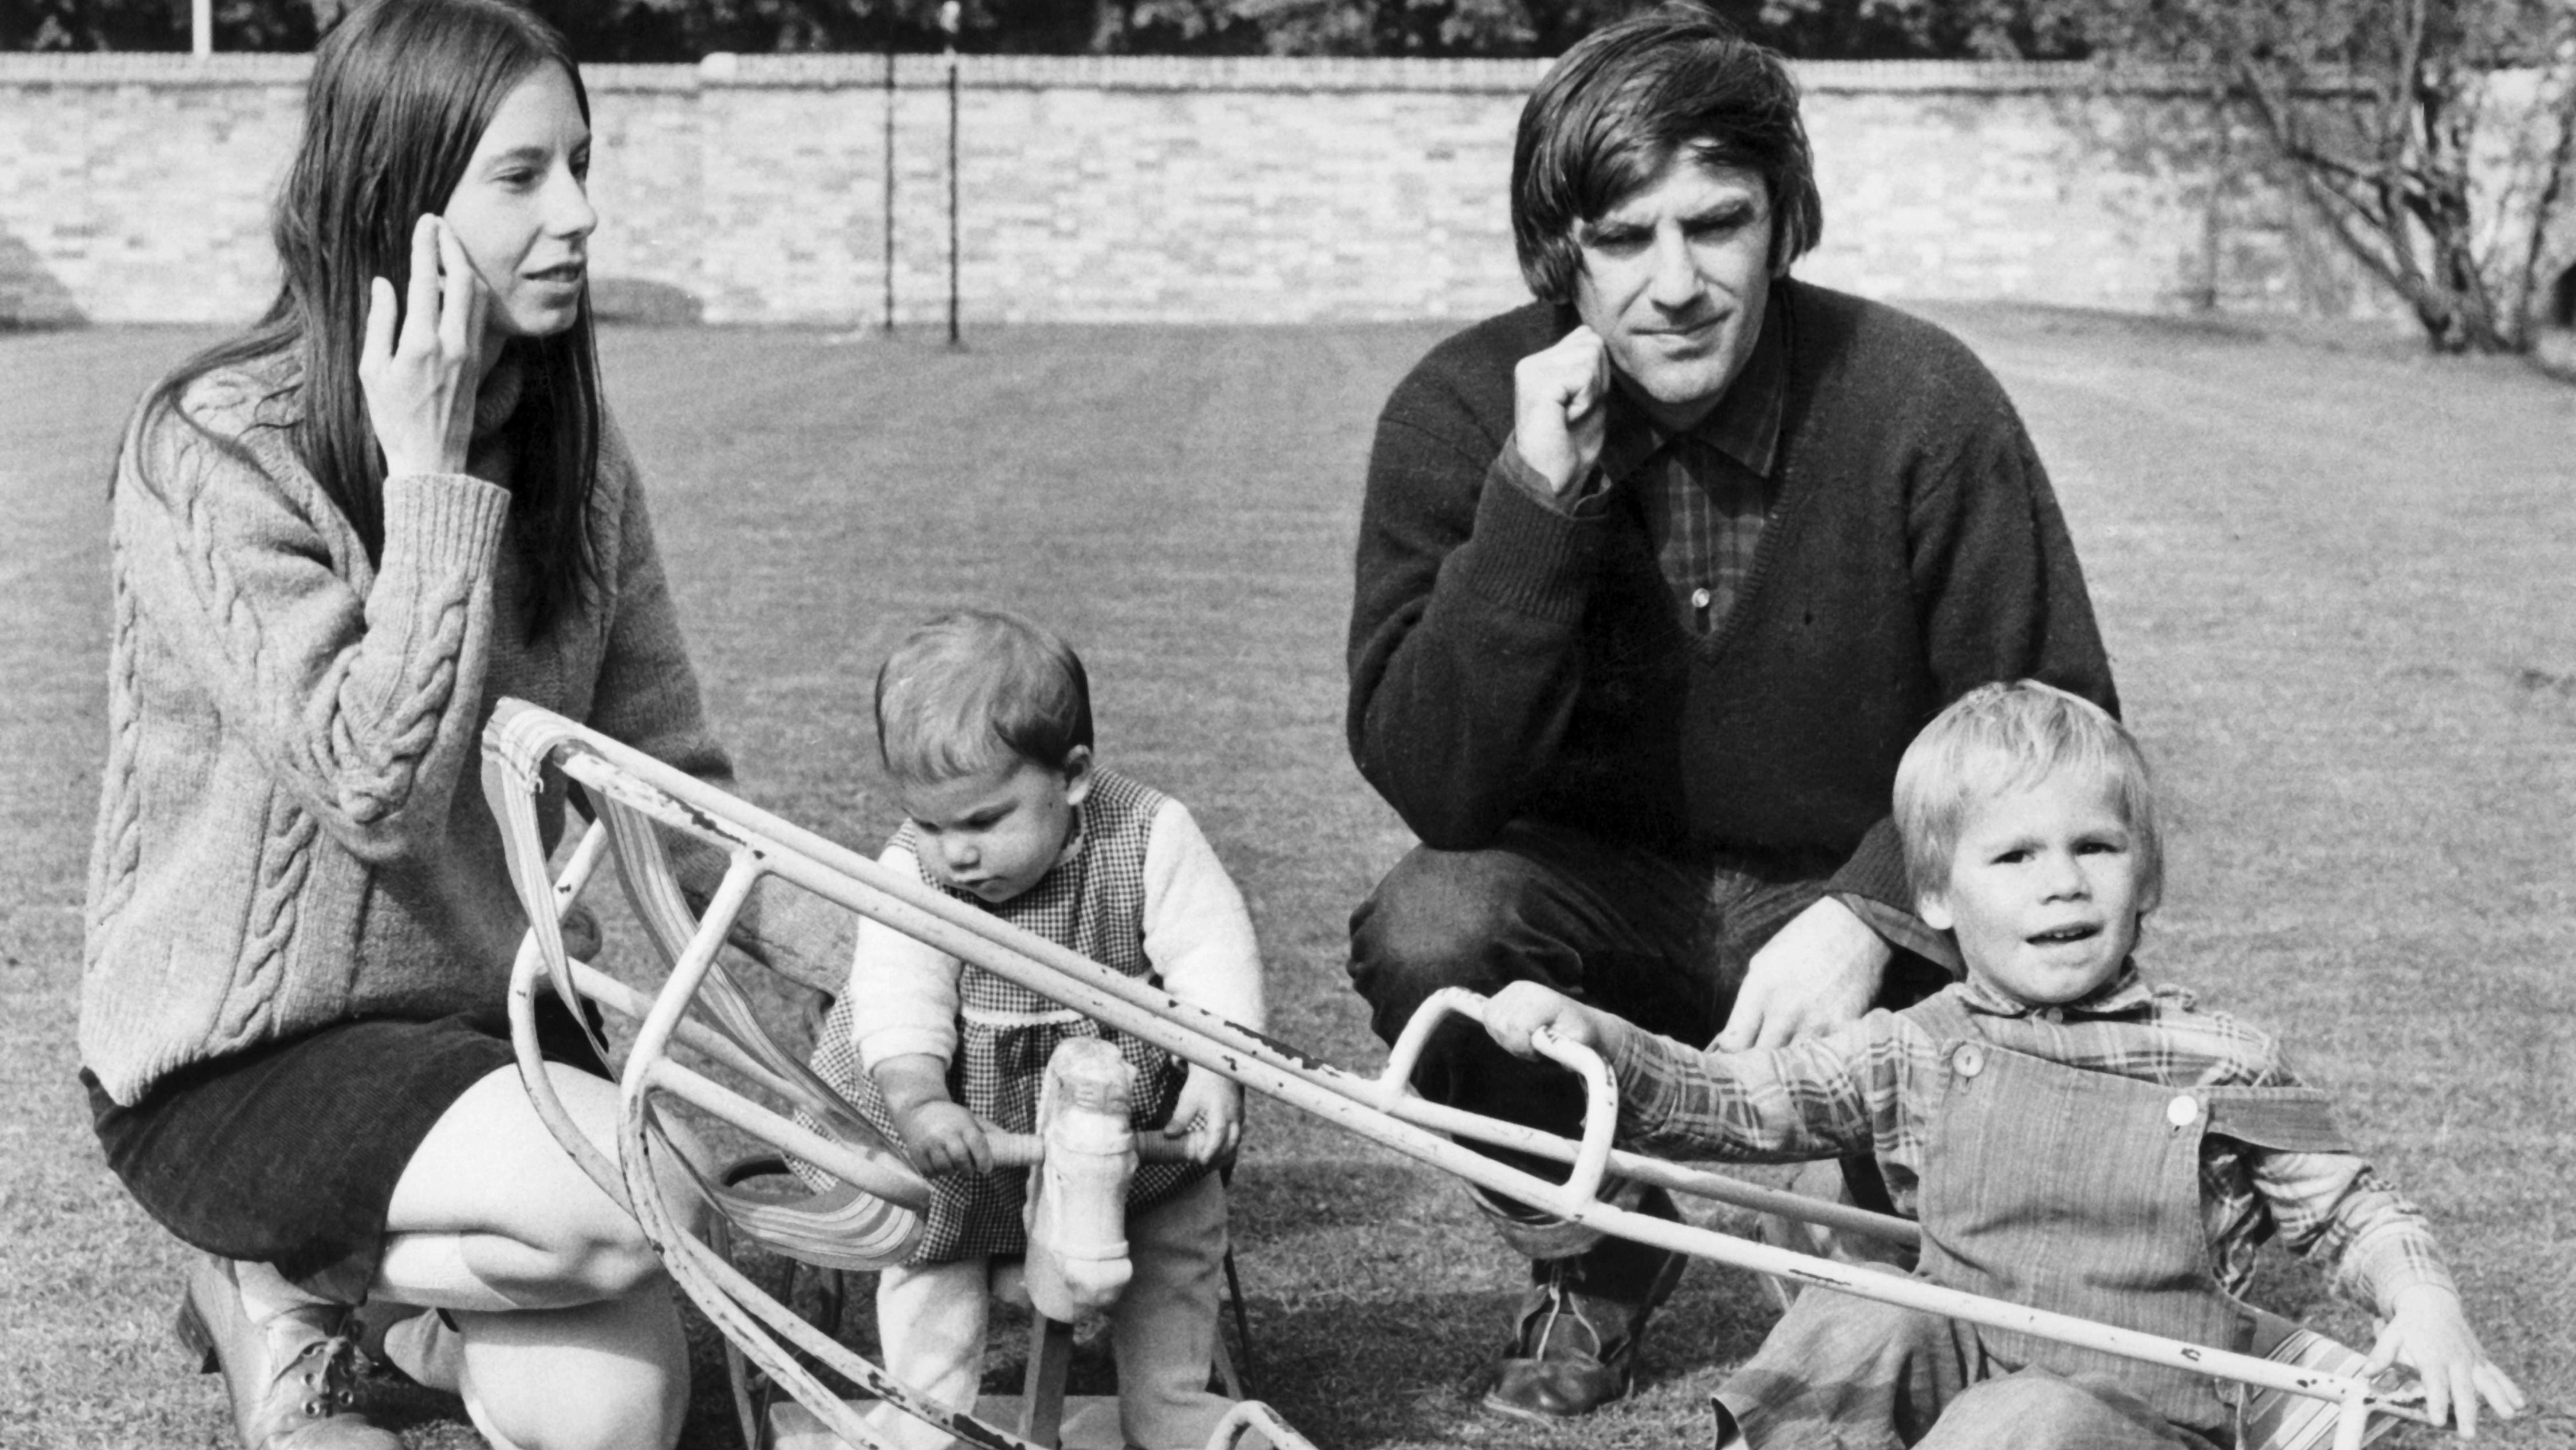 Schwarz-weiß Aufnahme von Gretchen Dutschke 1970 mit ihrem Ehemann Rudi Dutschke beim Spielen mit den Kindern Polly (10 Monate, 2.v.l.) und Hosea (2 Jahre, r) in Cambridge.